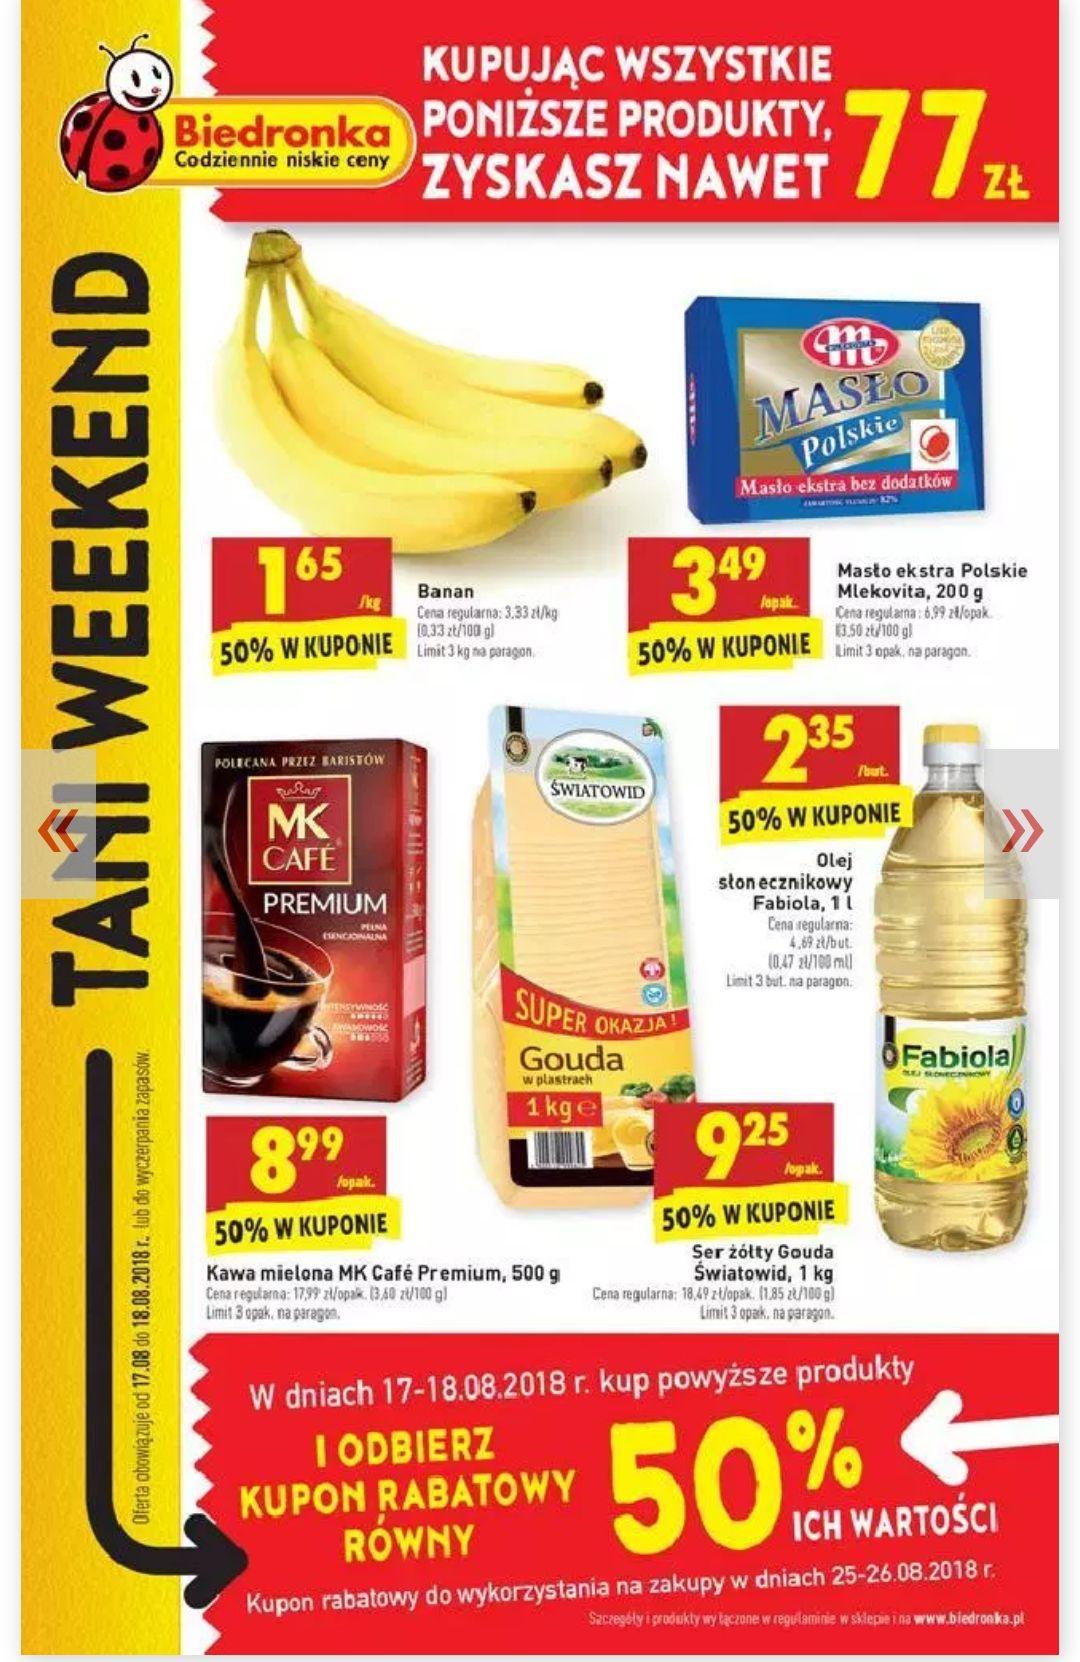 50% rabatu w kuponach za zakup 17 i 18 sierpnia wybranych produktów(Banany, masło Ekstra Mlekovita 200g, Kawa mielona MK Cafe Premium 500g, Ser żólty gouda Światowid 1Kg, Olej słonecznikowy Fabiola 1L) @Biedronka